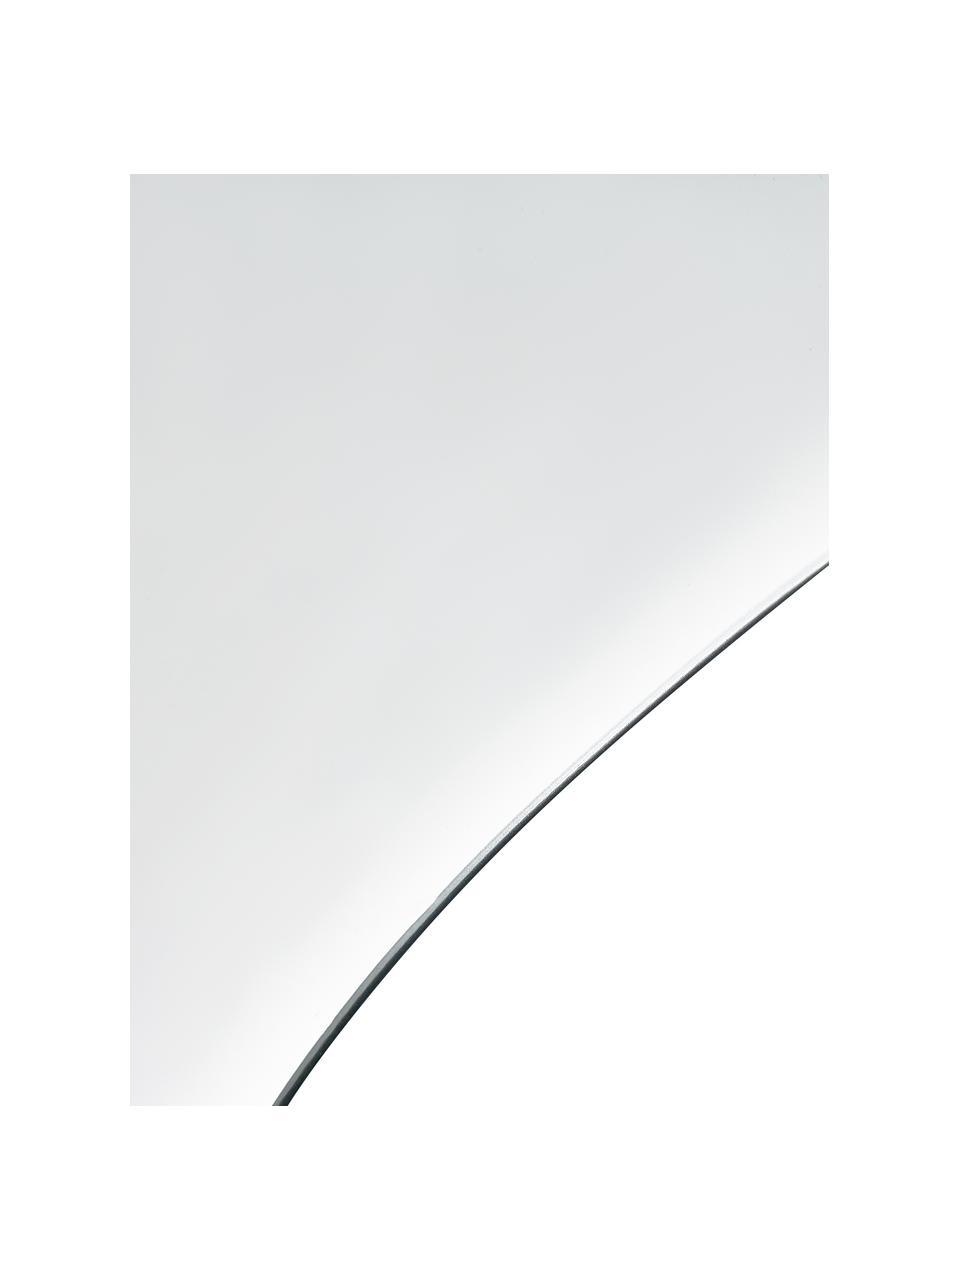 Rahmenloser Wandspiegel Lake, Spiegelfläche: Spiegelglas, Rückseite: Mitteldichte Holzfaserpla, Silber, 48 x 80 cm